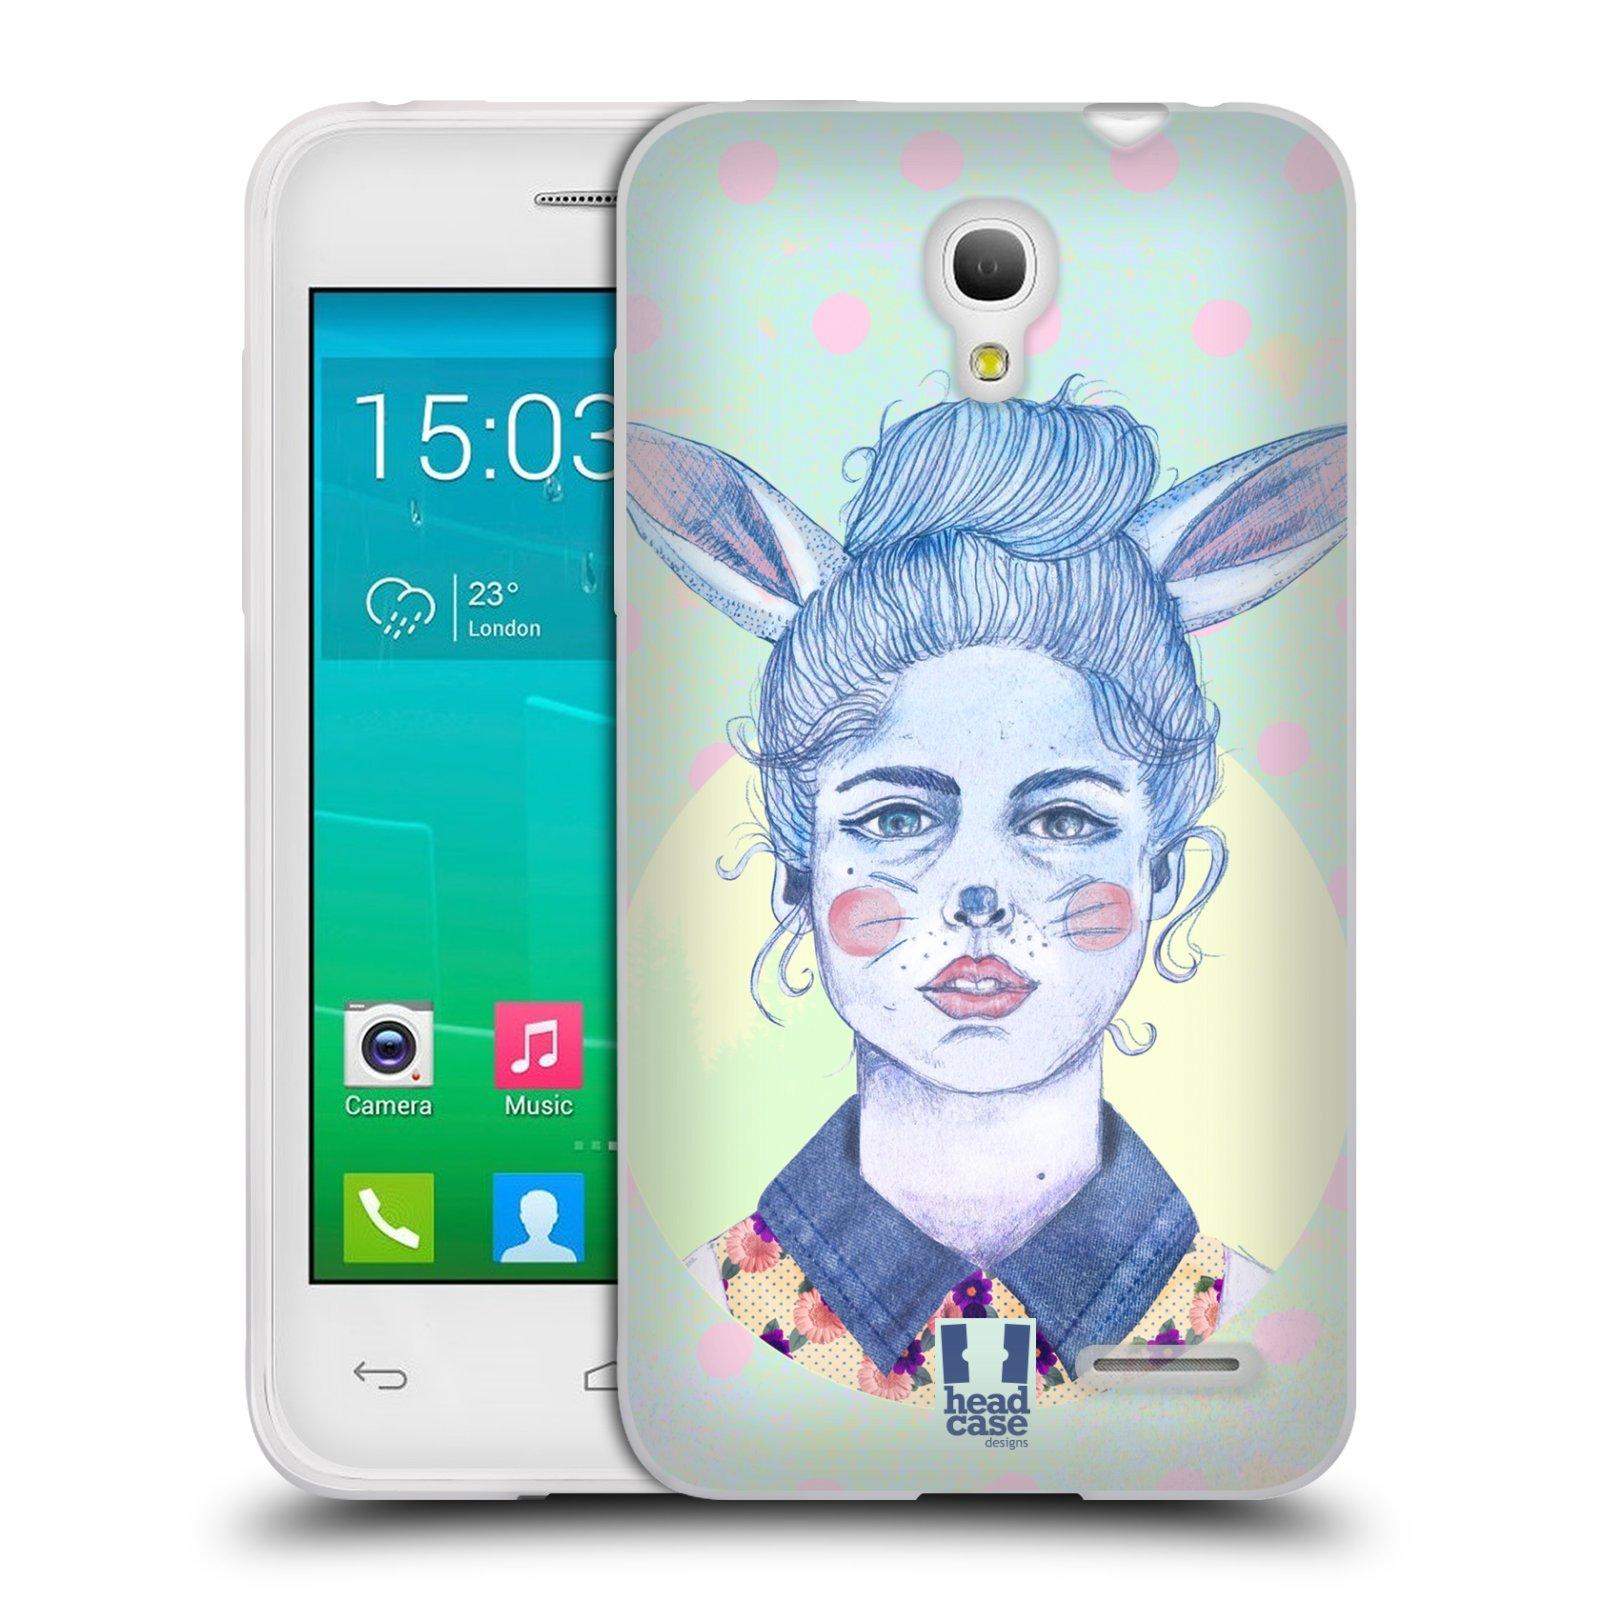 HEAD CASE silikonový obal na mobil Alcatel POP S3 OT-5050Y vzor Děvče zvířecí tématika zajíček zima